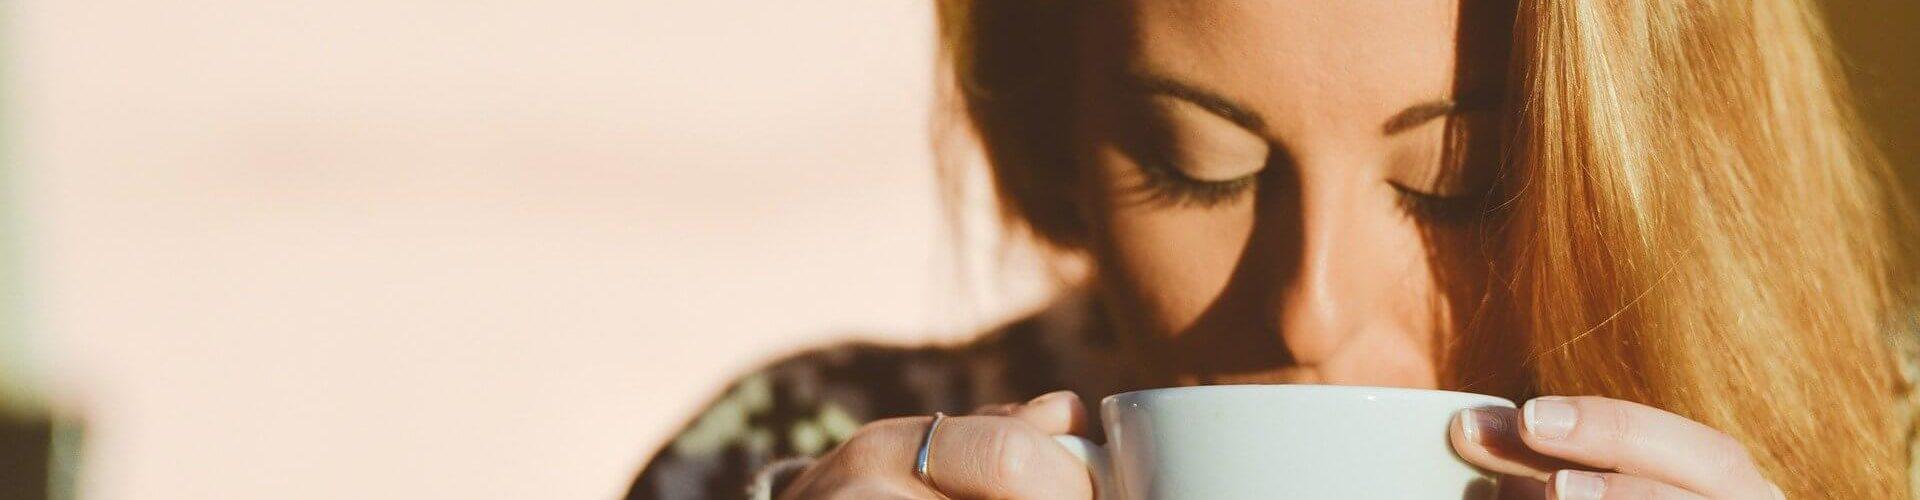 Kawa z mlekiem przełomowa hostoria